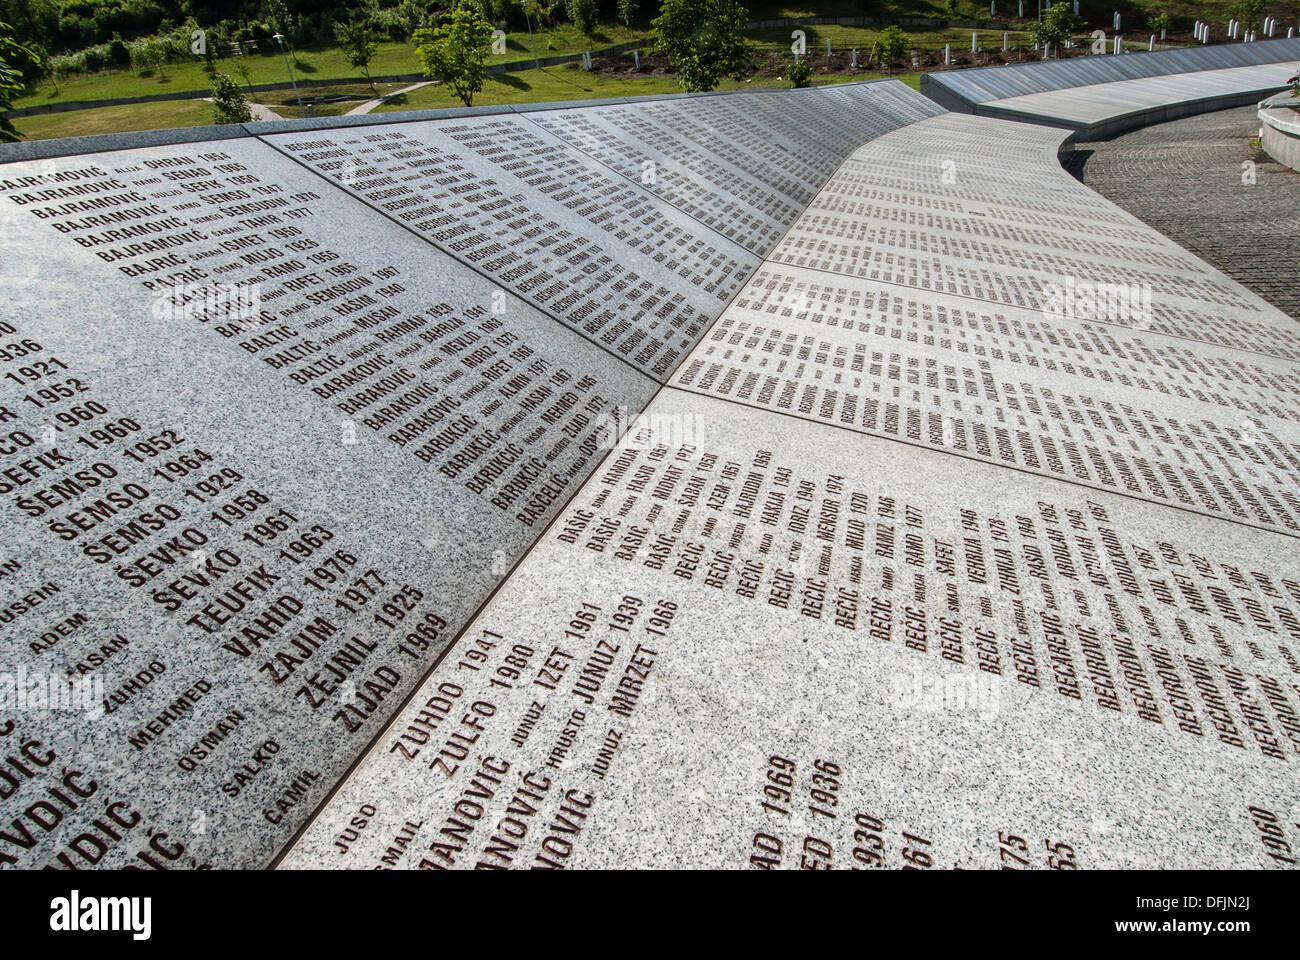 Part of the Srebrenica Genocide Memorial on June 25, 2009 in Potocari, Bosnia and Herzegovina. Stock Photo